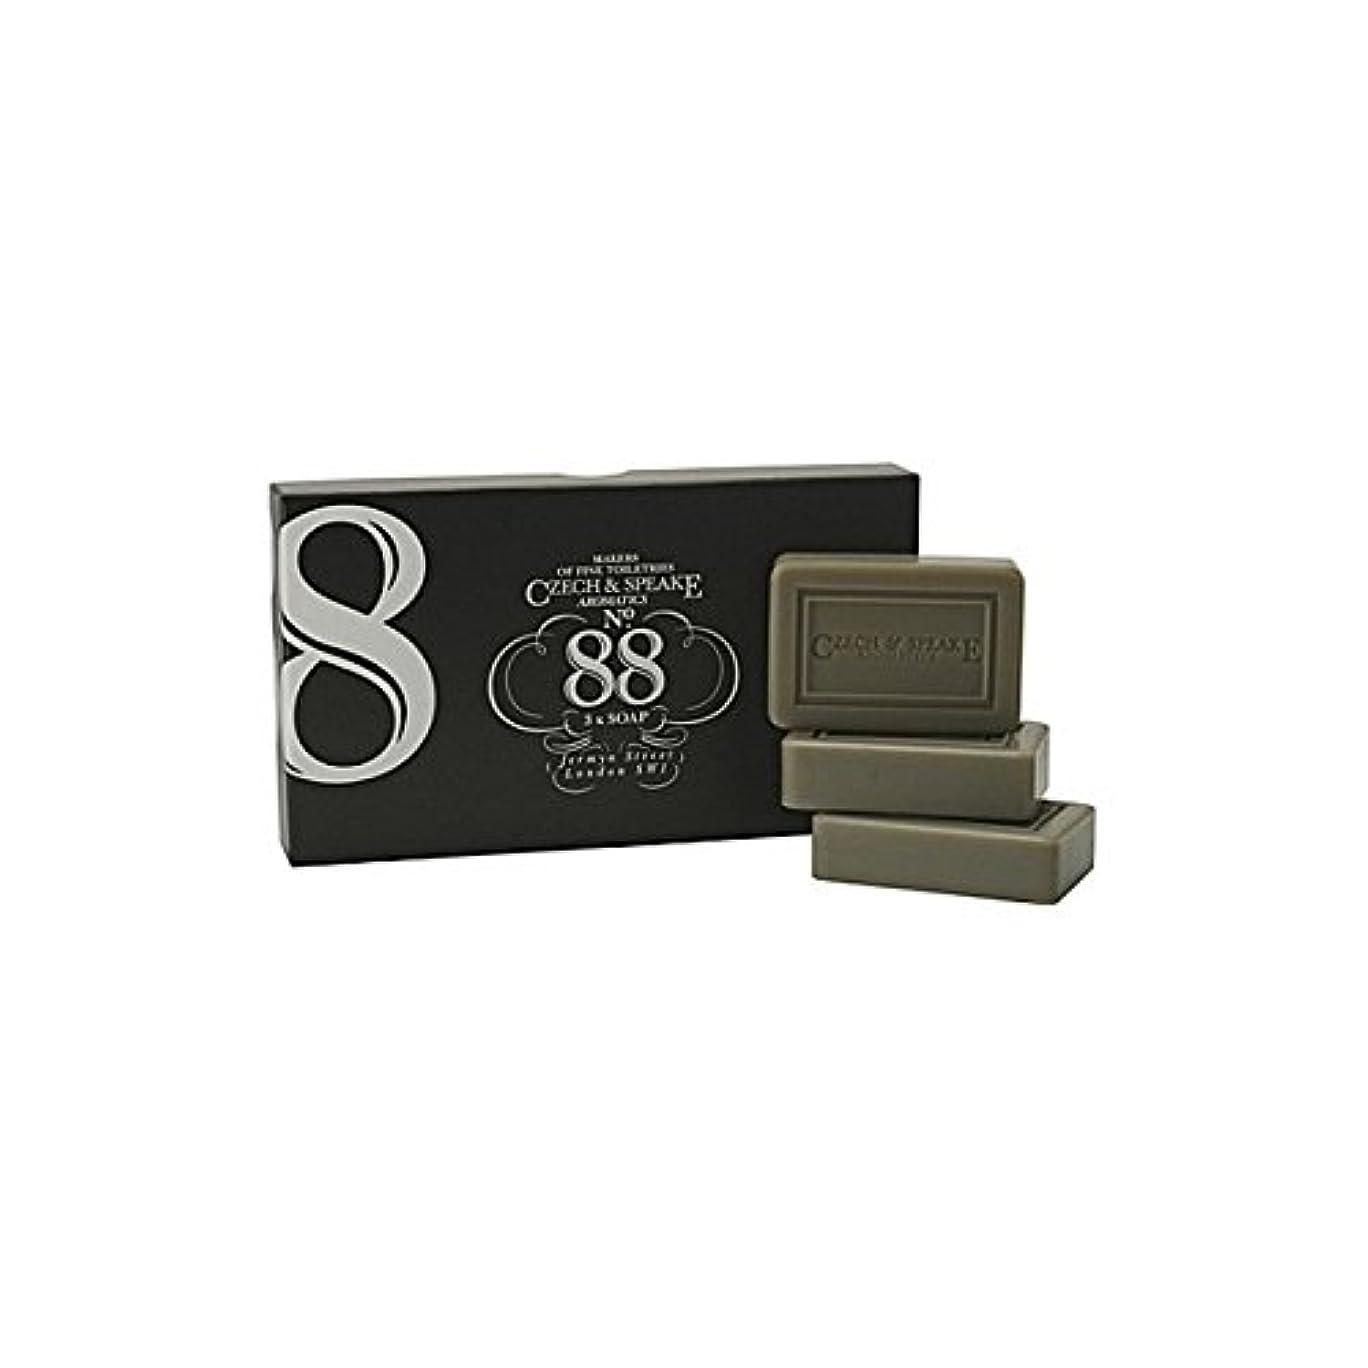 ポータル空港委員会チェコ&スピーク.88ソープセット x4 - Czech & Speake No.88 Soap Set (Pack of 4) [並行輸入品]